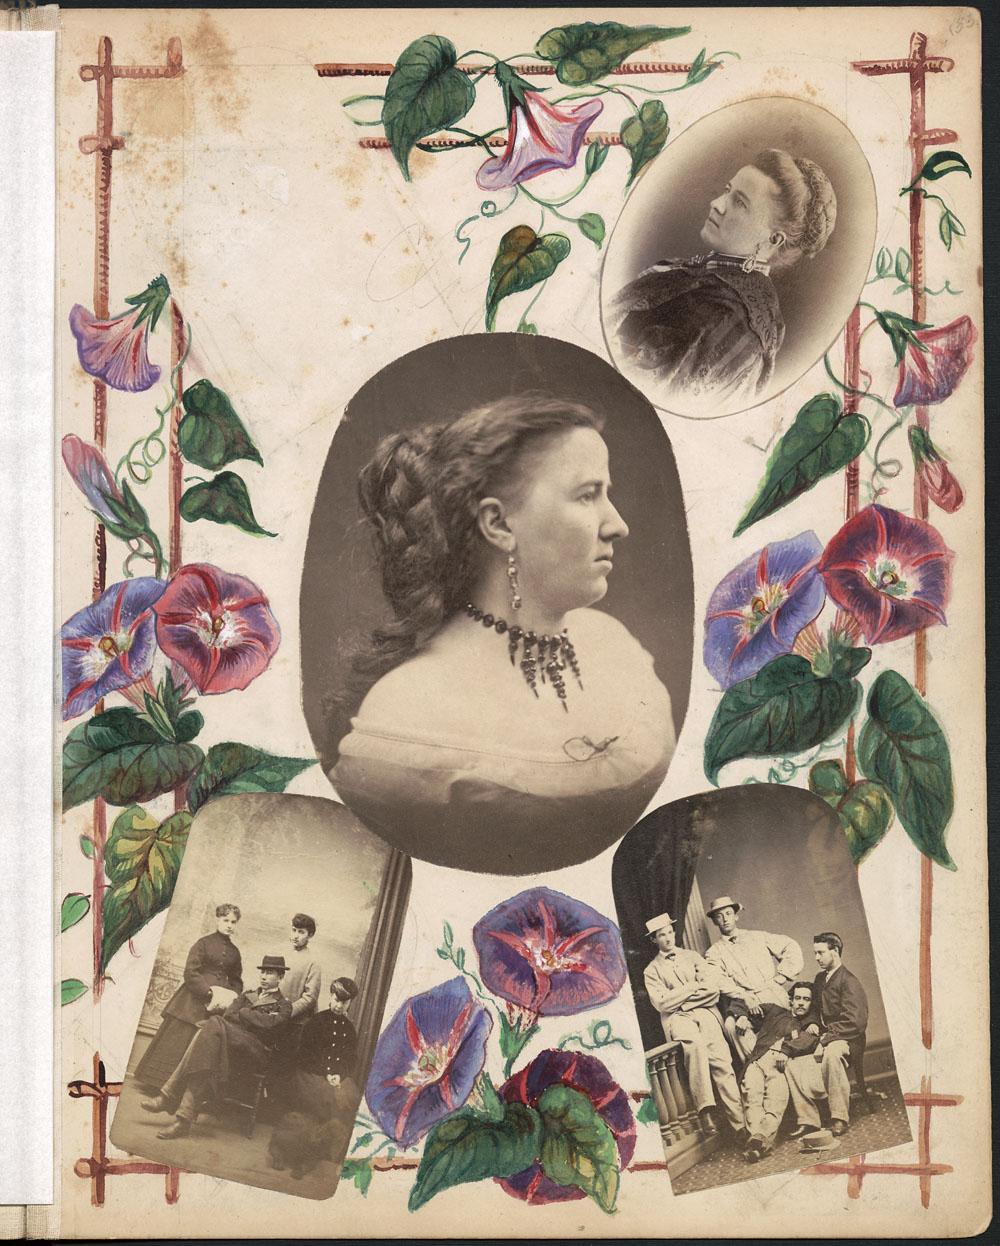 Page d'album montrant une photo de son auteure, Sarah Howard, au centre d'un montage. La page est décorée de fleurs peintes; on y voit aussi un portrait individuel et deux portraits de groupe, montrant probablement des amis et des parents de Sarah Howard.